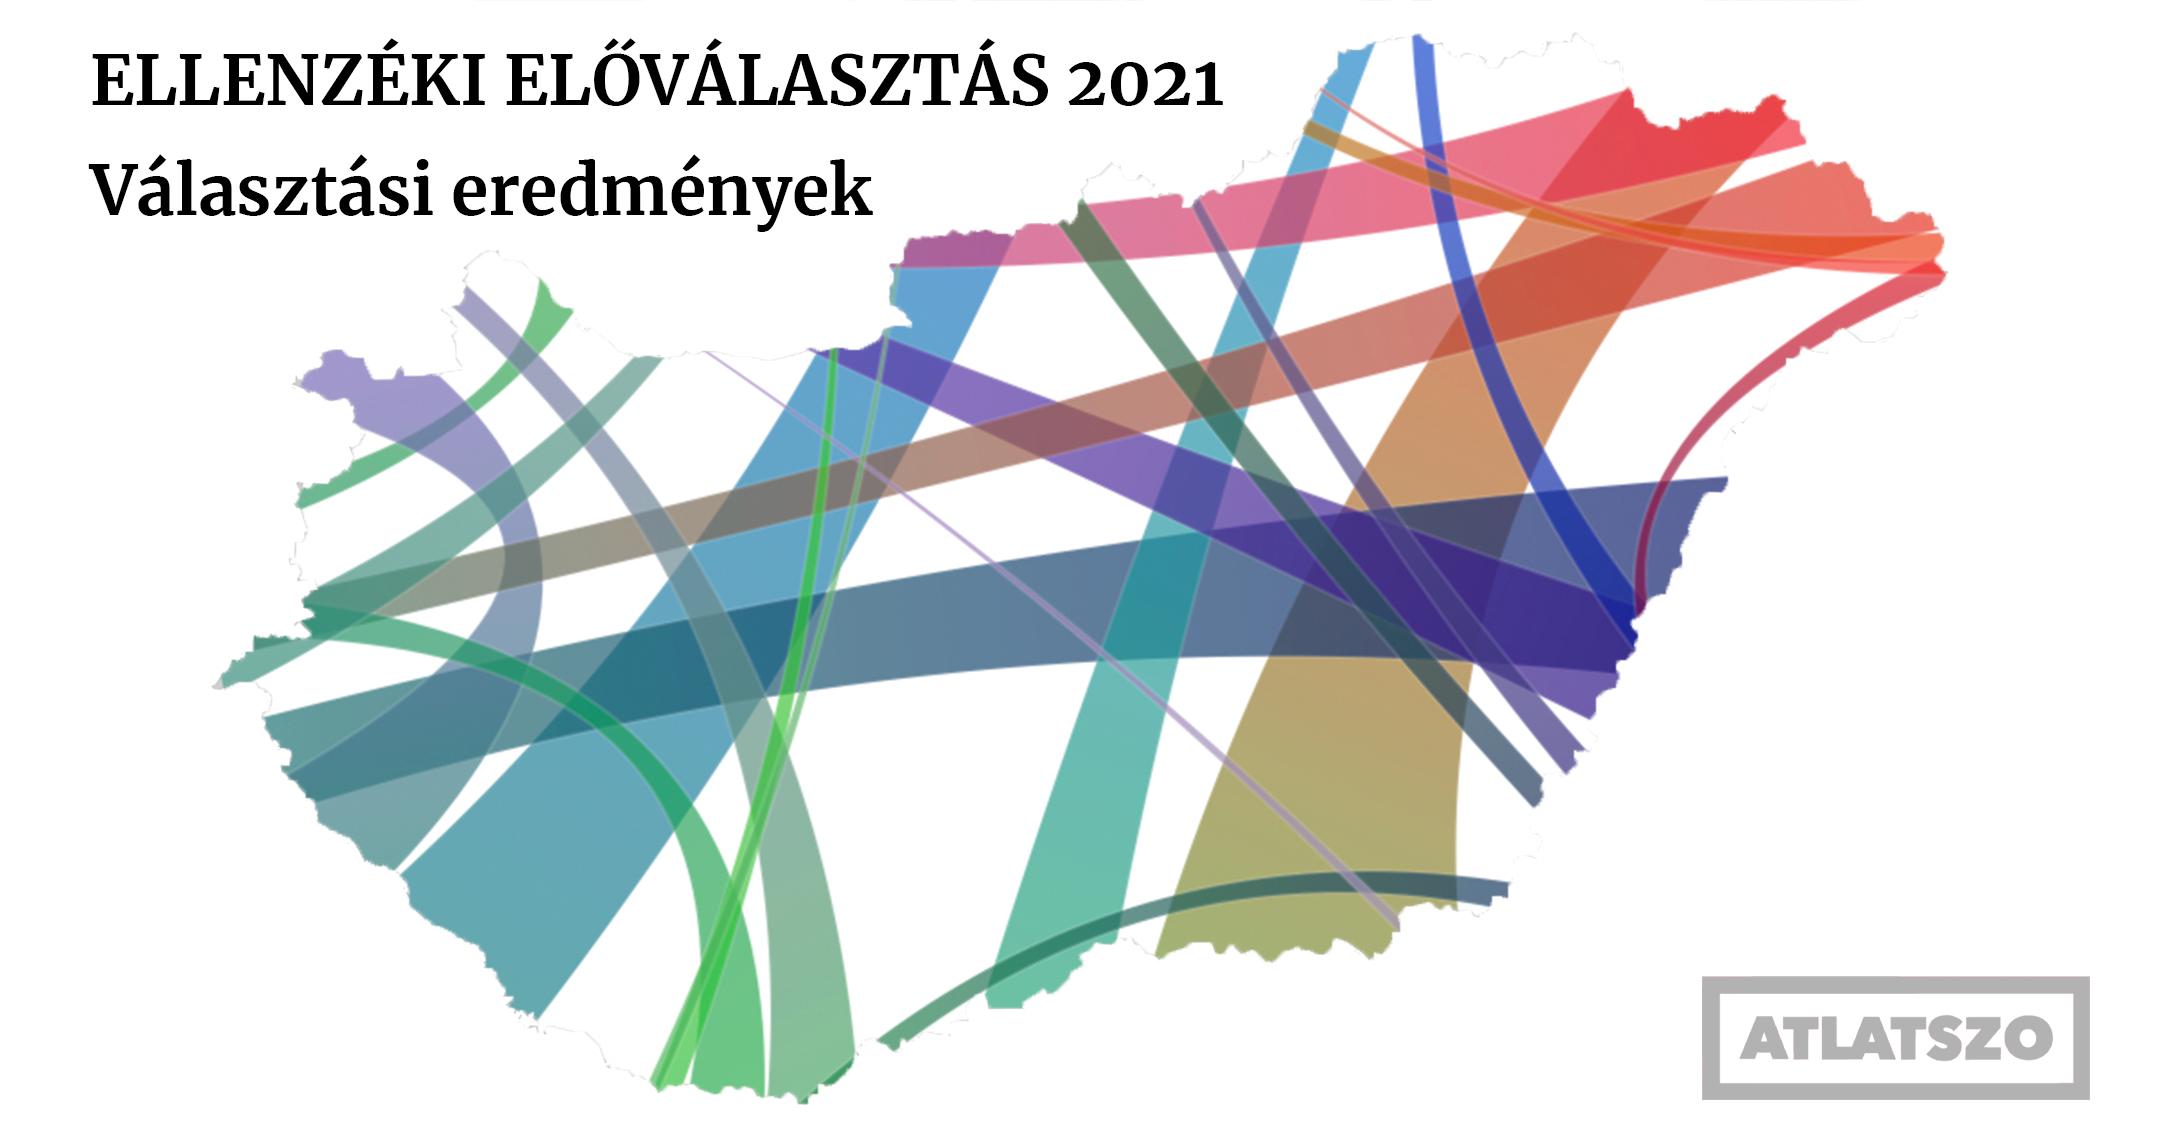 Ellenzéki előválasztás 2021 eredmények